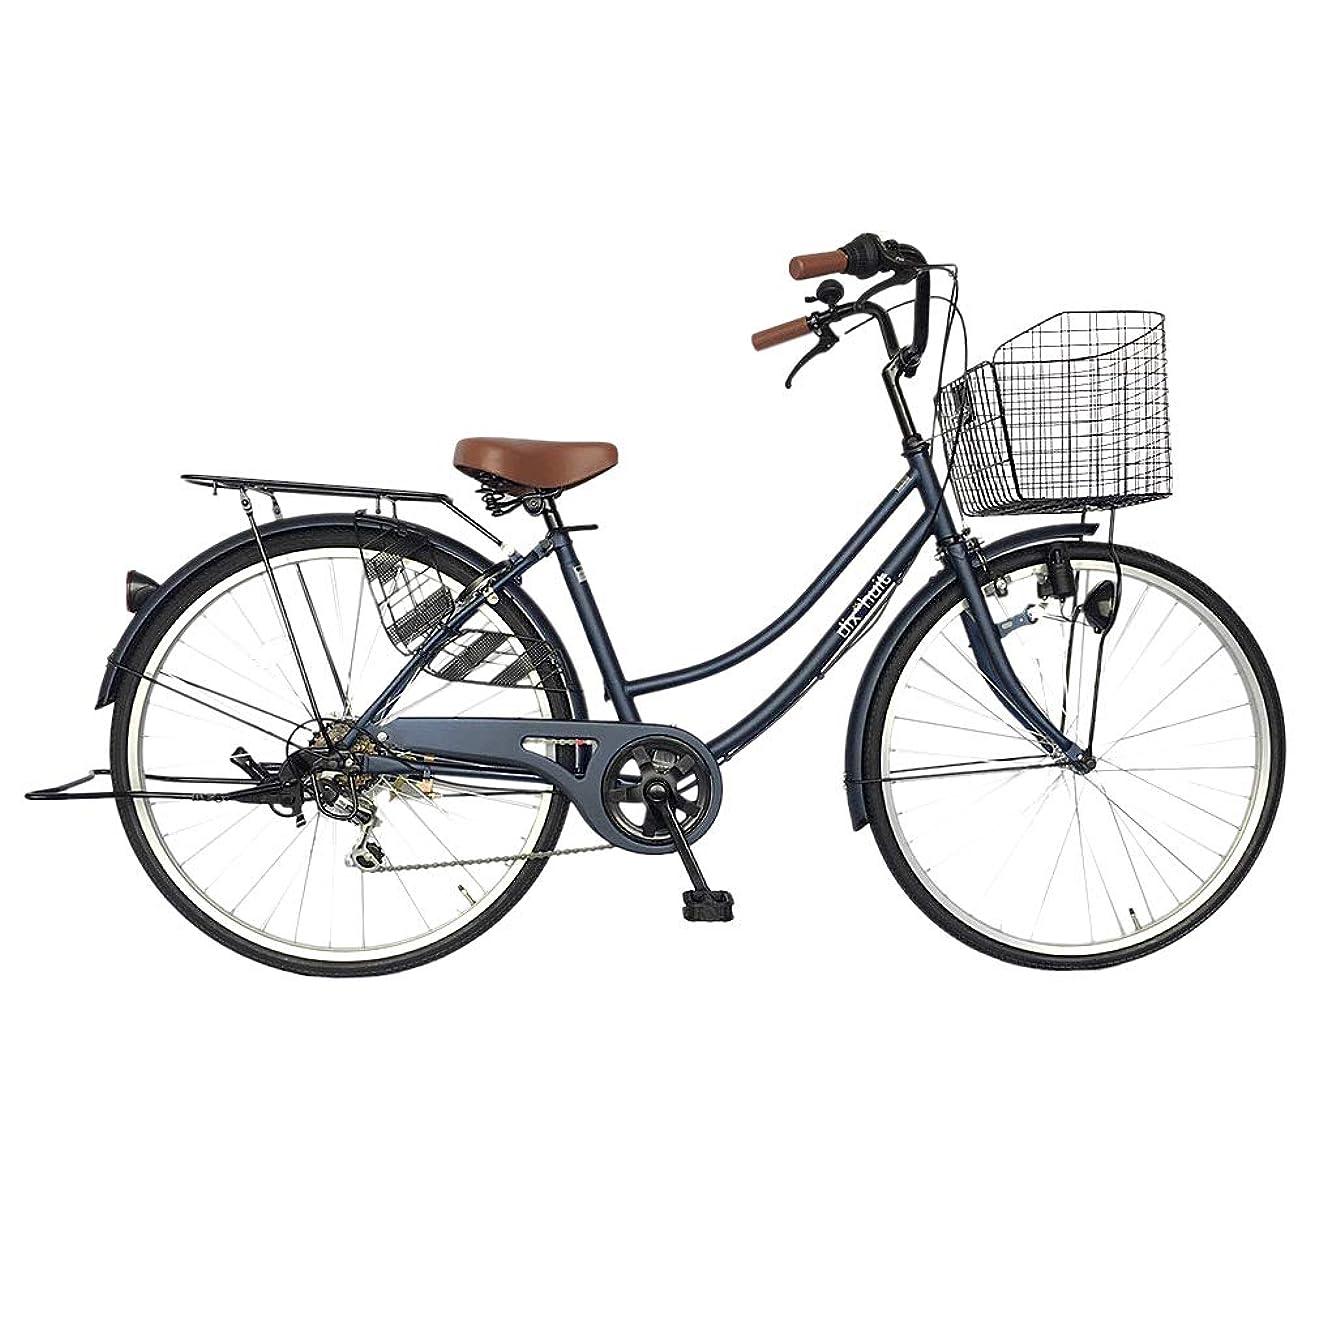 薬用ダメージスラムサントラスト(suntrust) 自転車 ママチャリ 26インチ 6段ギア ネイビー 青 dixhuit かご 鍵 ライト 標準搭載